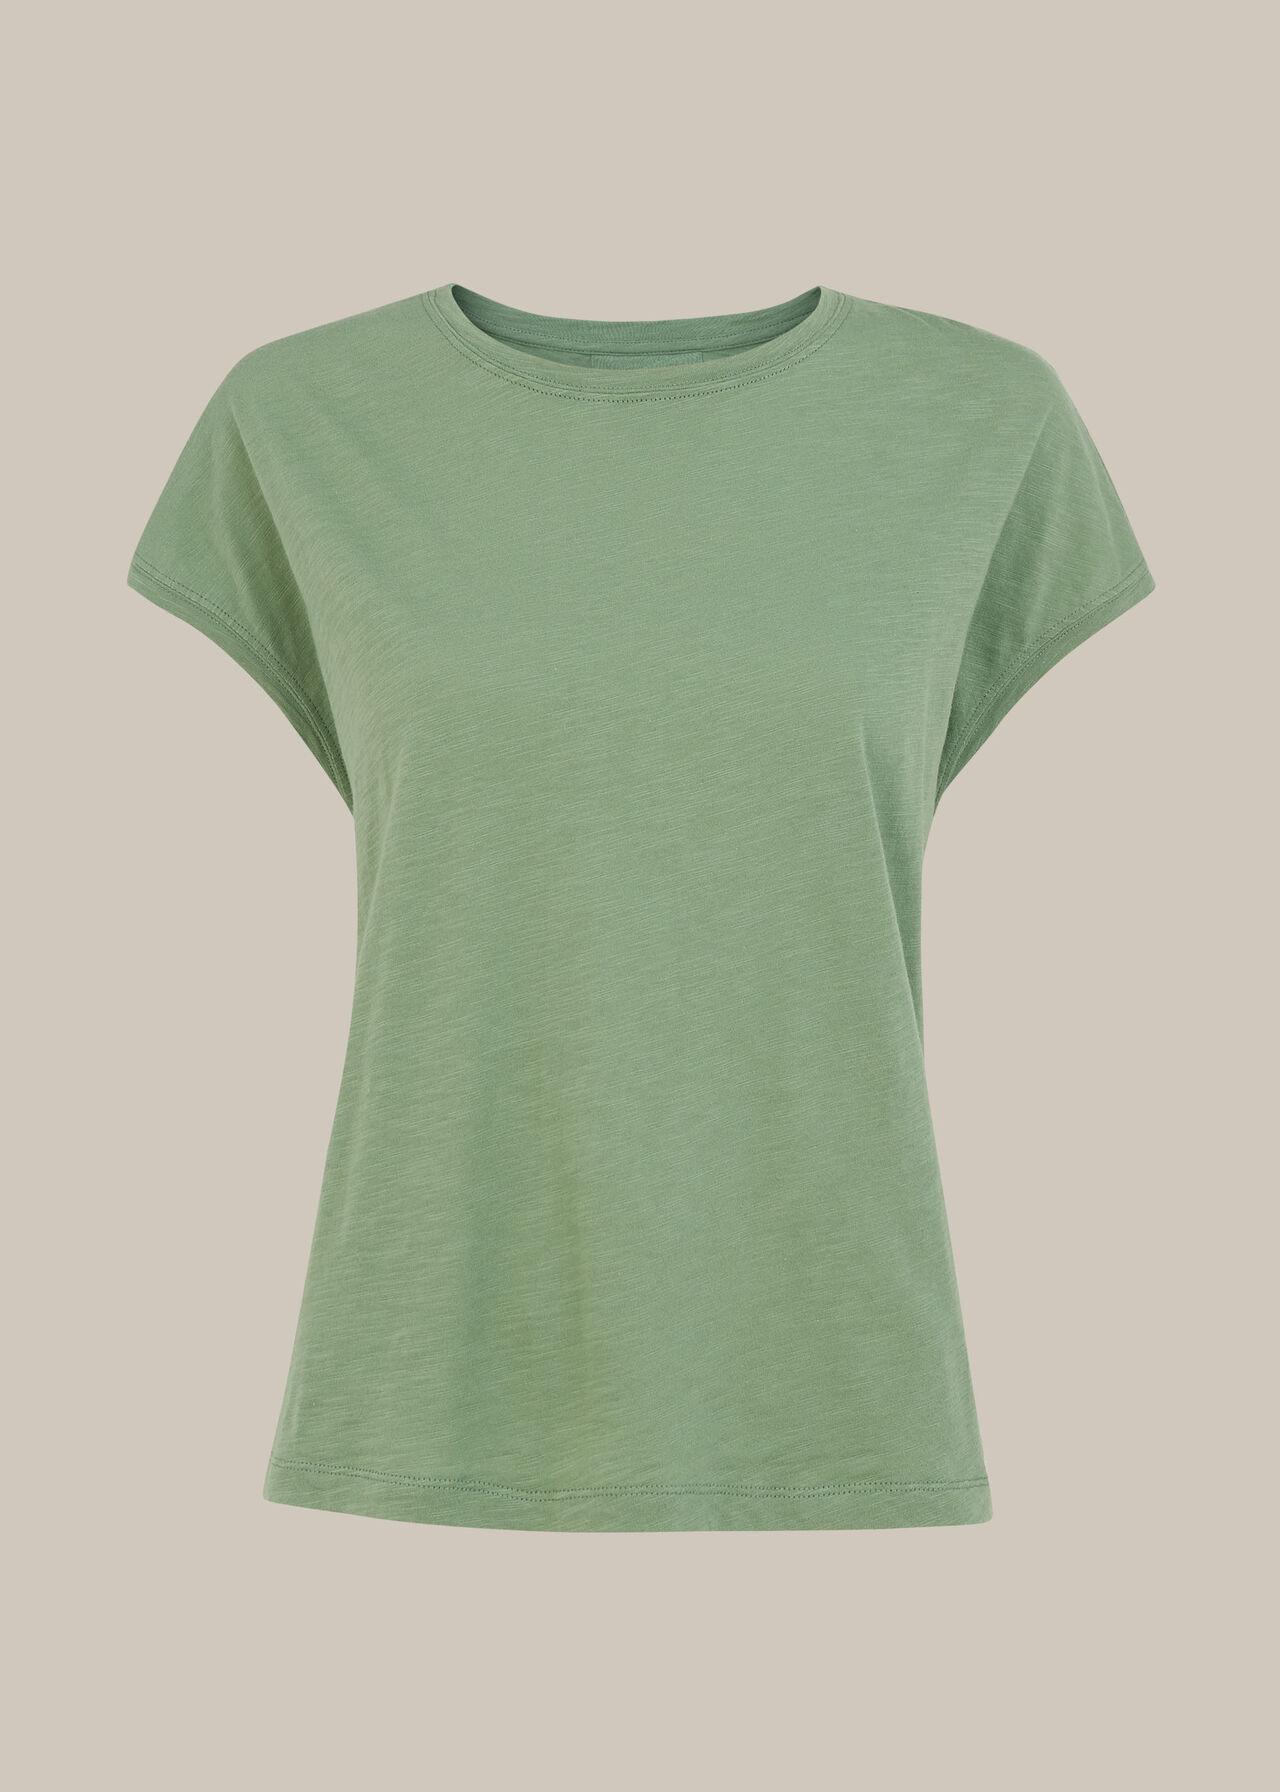 Minimal Cap Sleeve Tee Pale Green